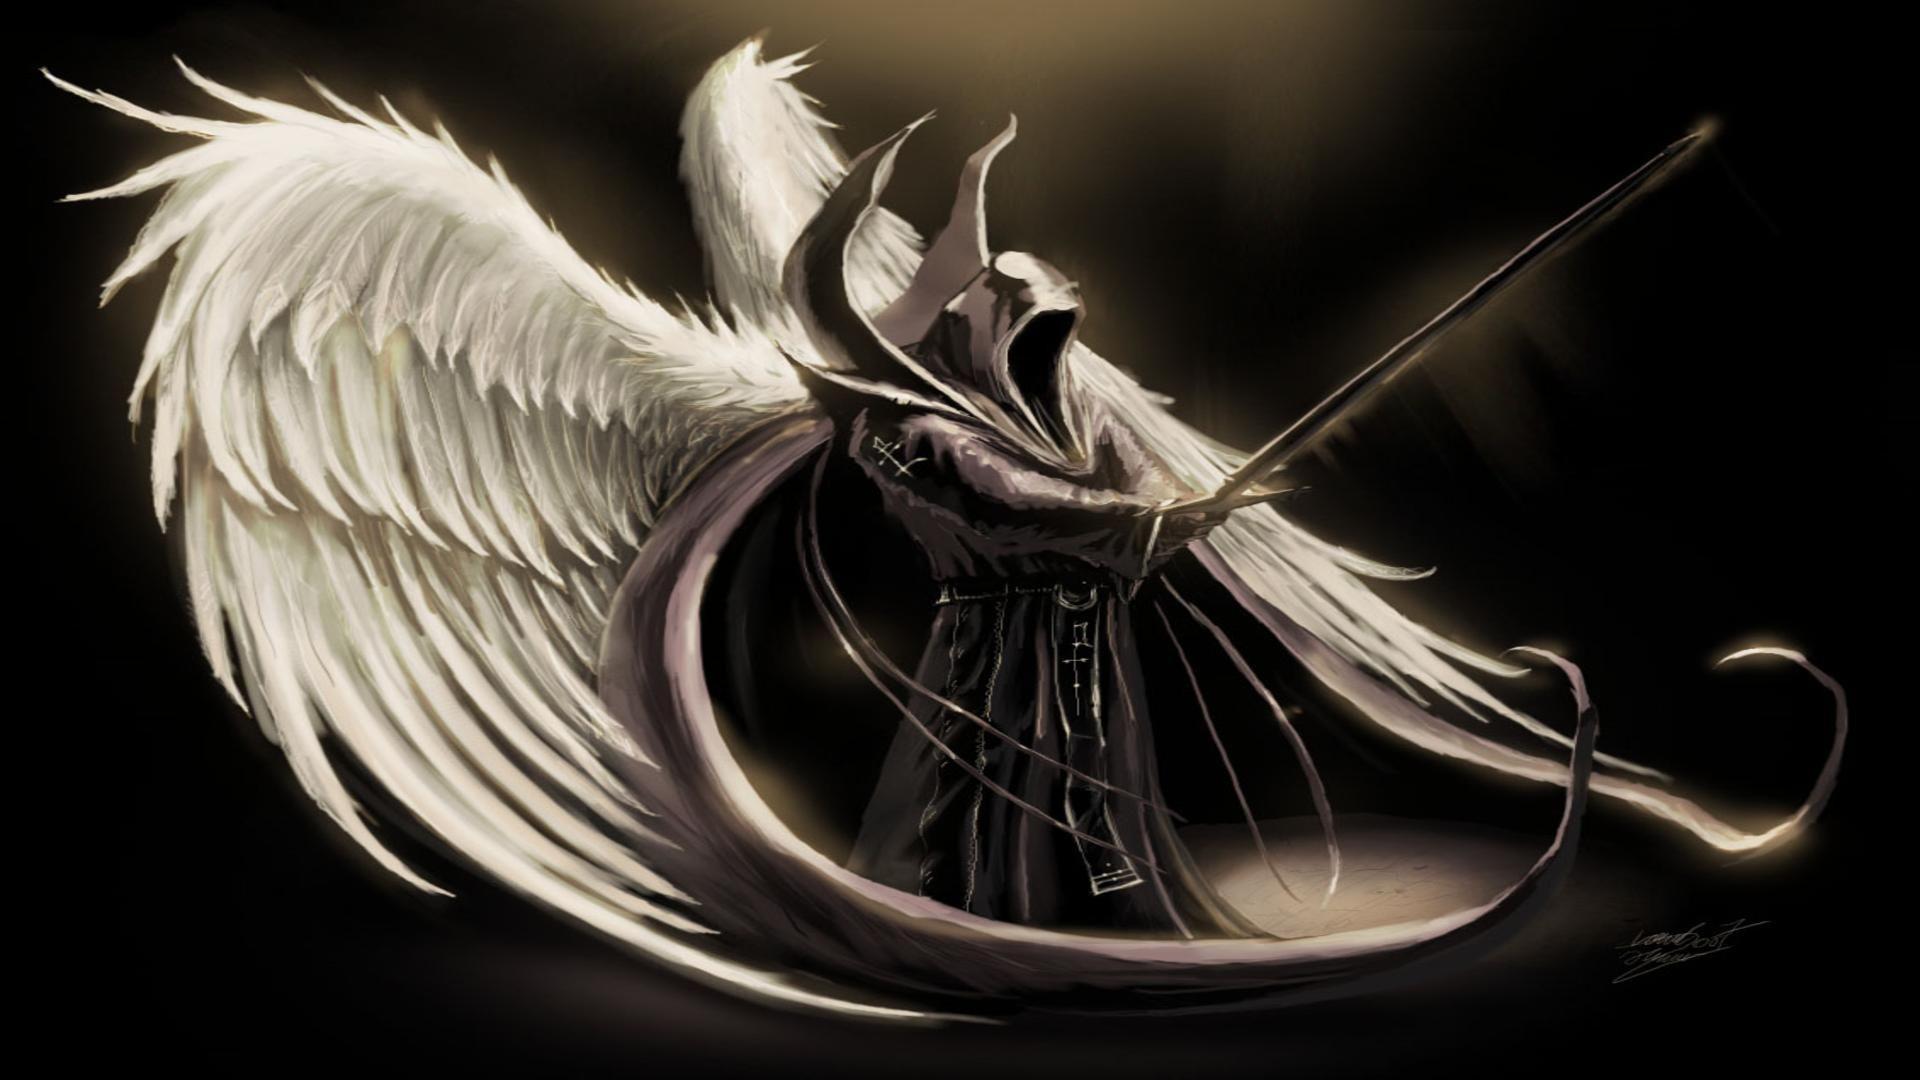 Angel Wings Wallpapers 1920x1080